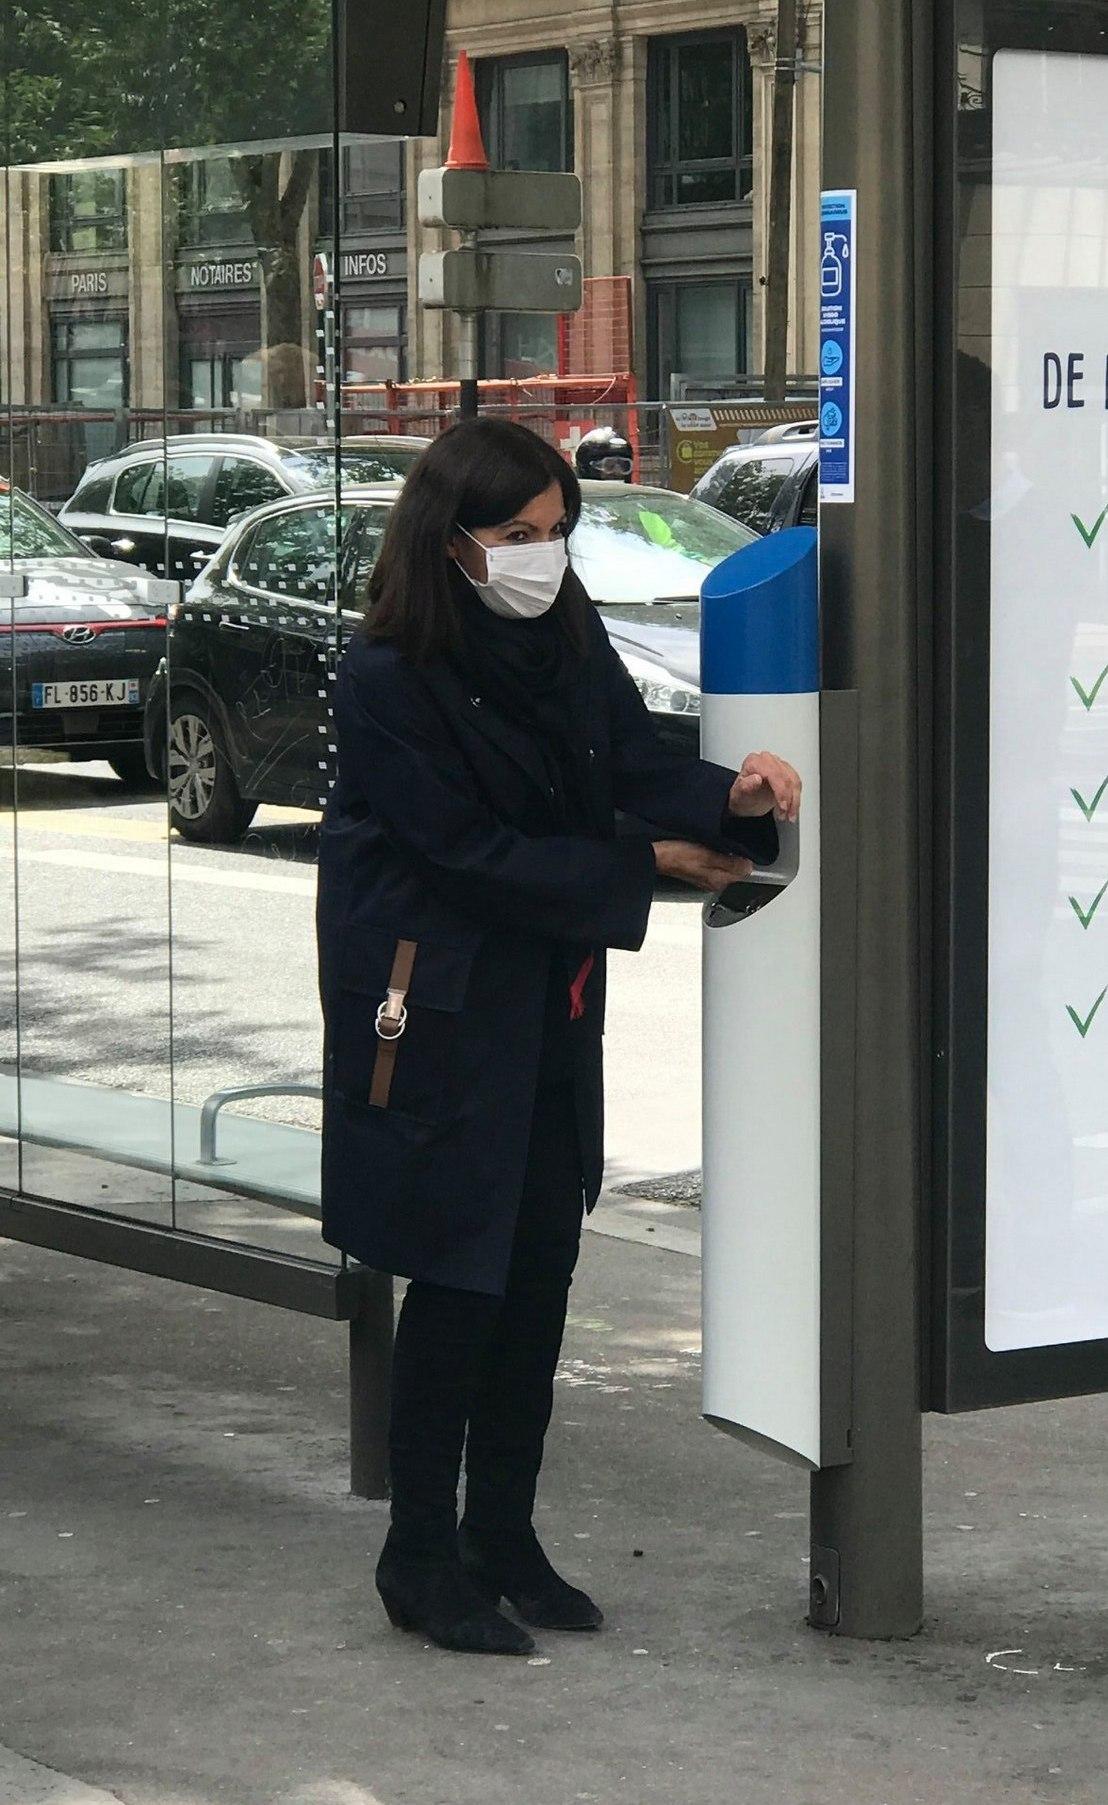 санитайзер в Париже (jcdecaux.com)